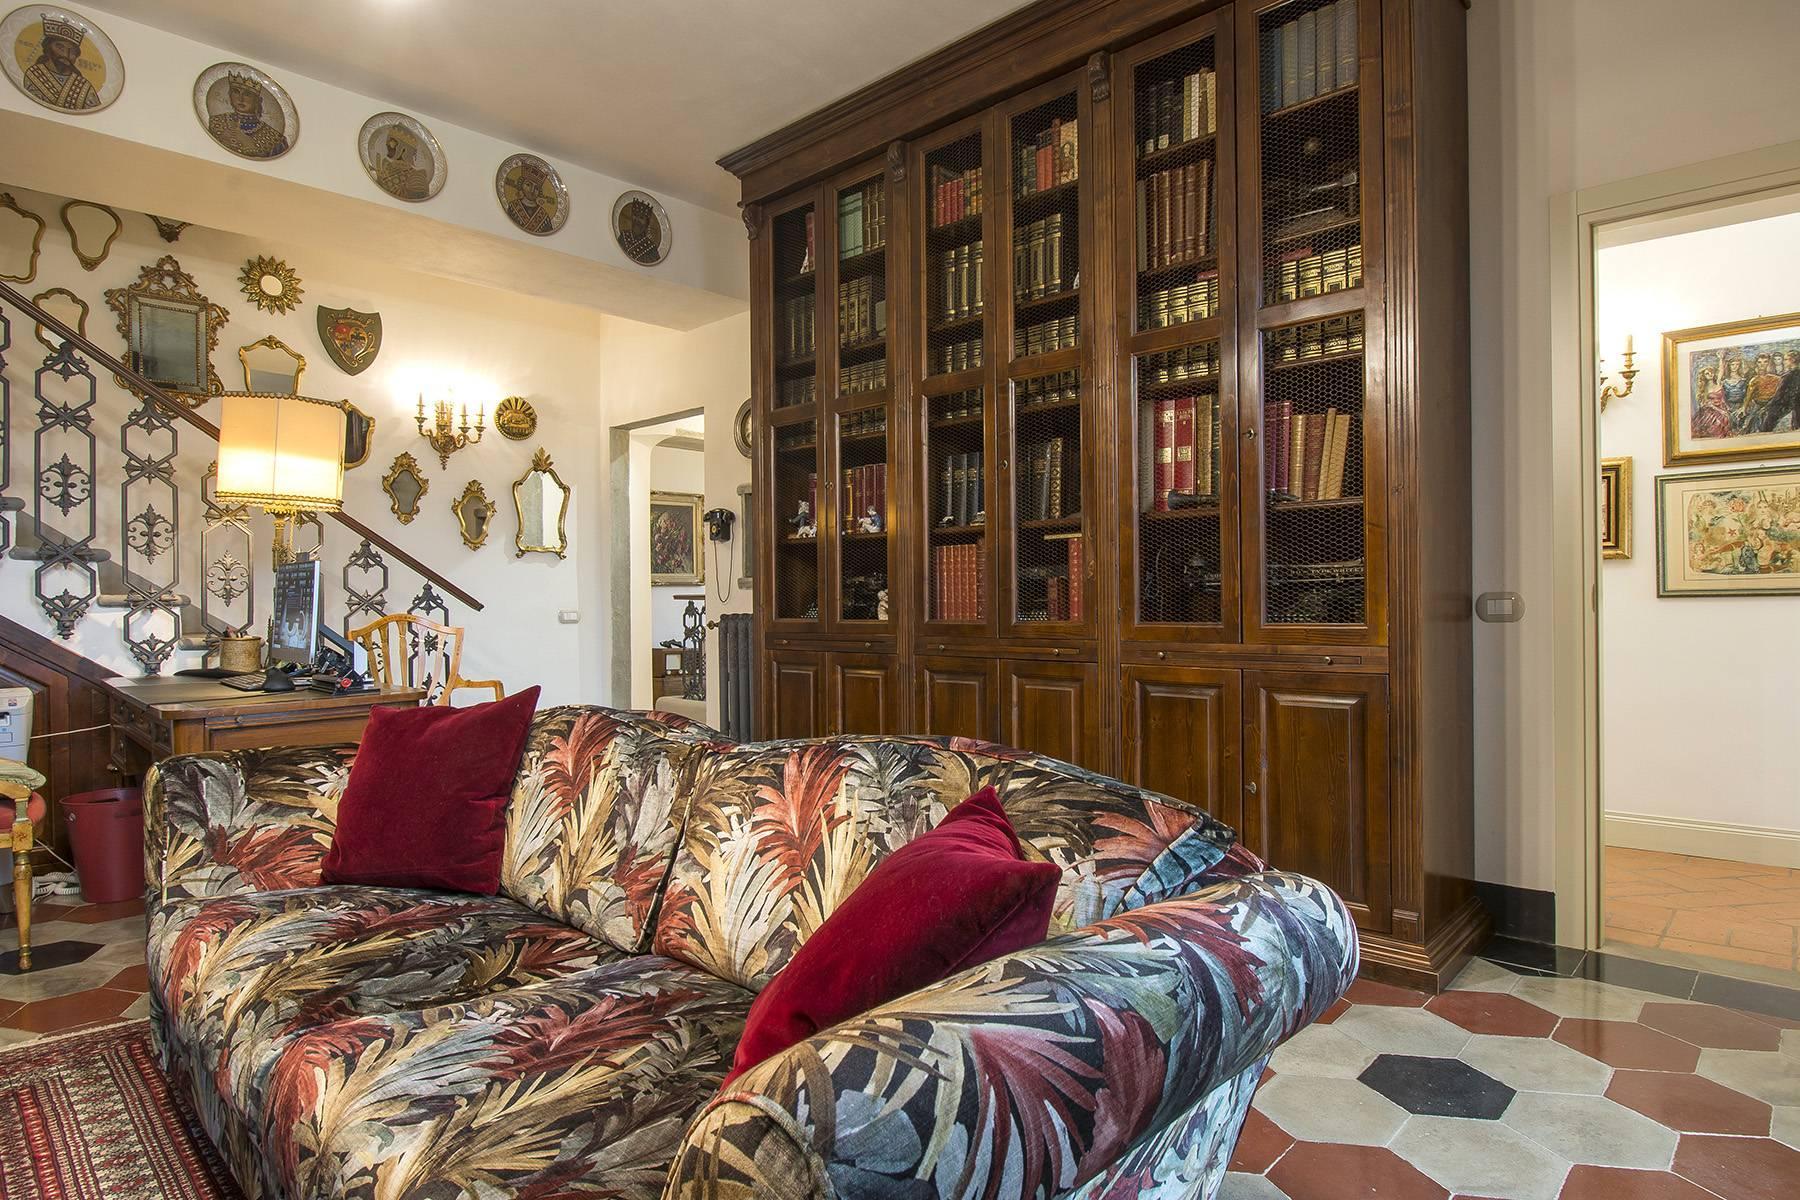 位于古老别墅里的精美公寓 - 3